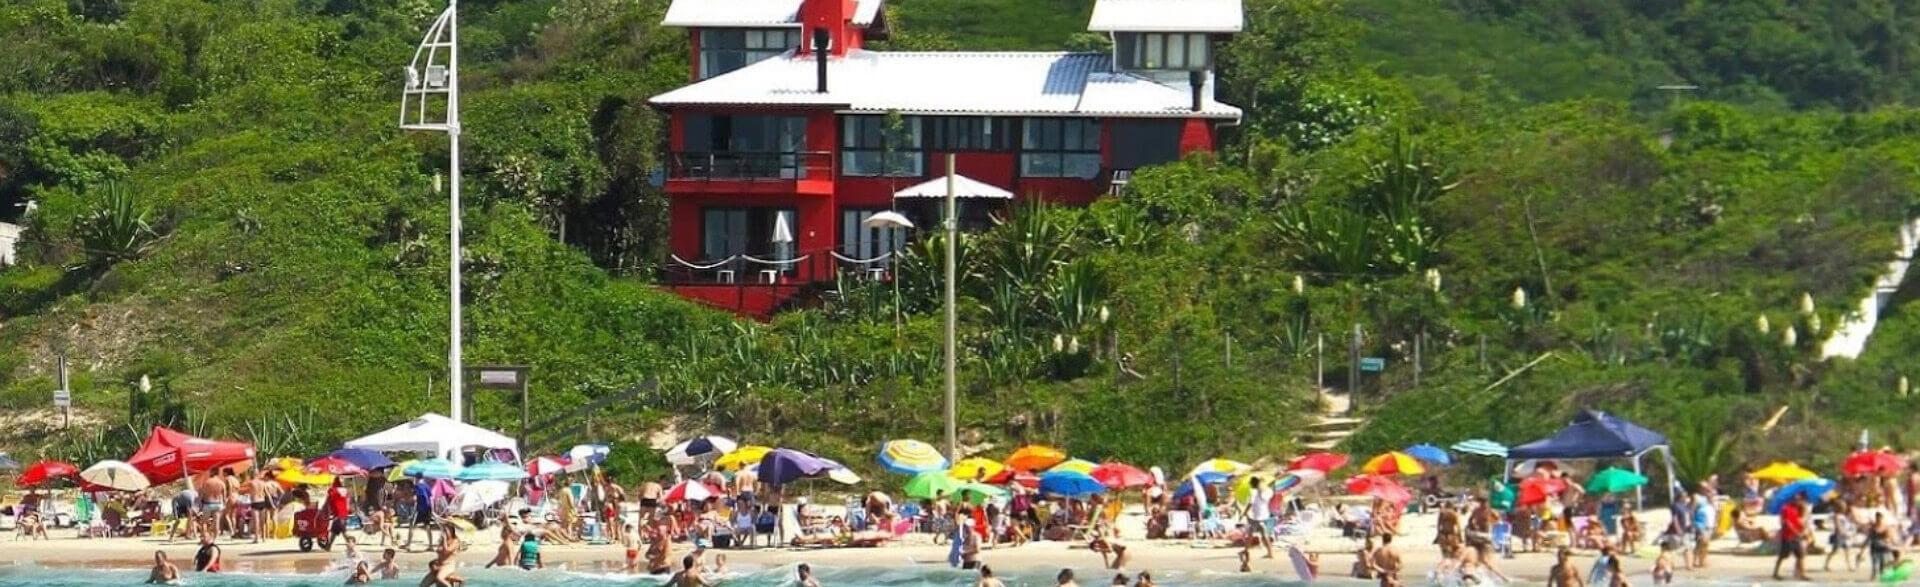 Residencial Rosauros - Pousada Praia de Cima - Pousada Pinheira